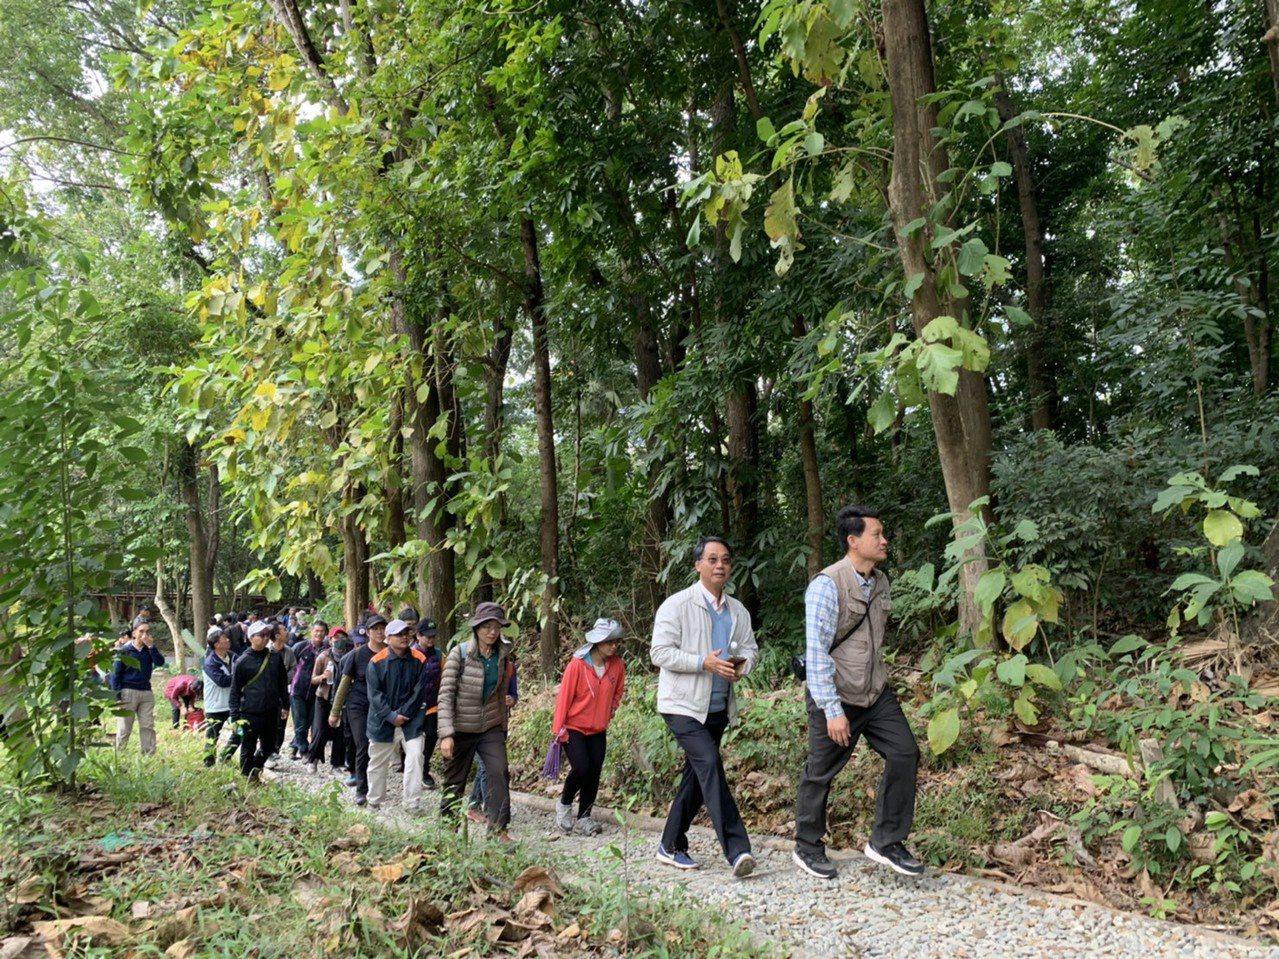 中興大學新化林場有全國最大的桃花心木造林。記者吳淑玲/攝影